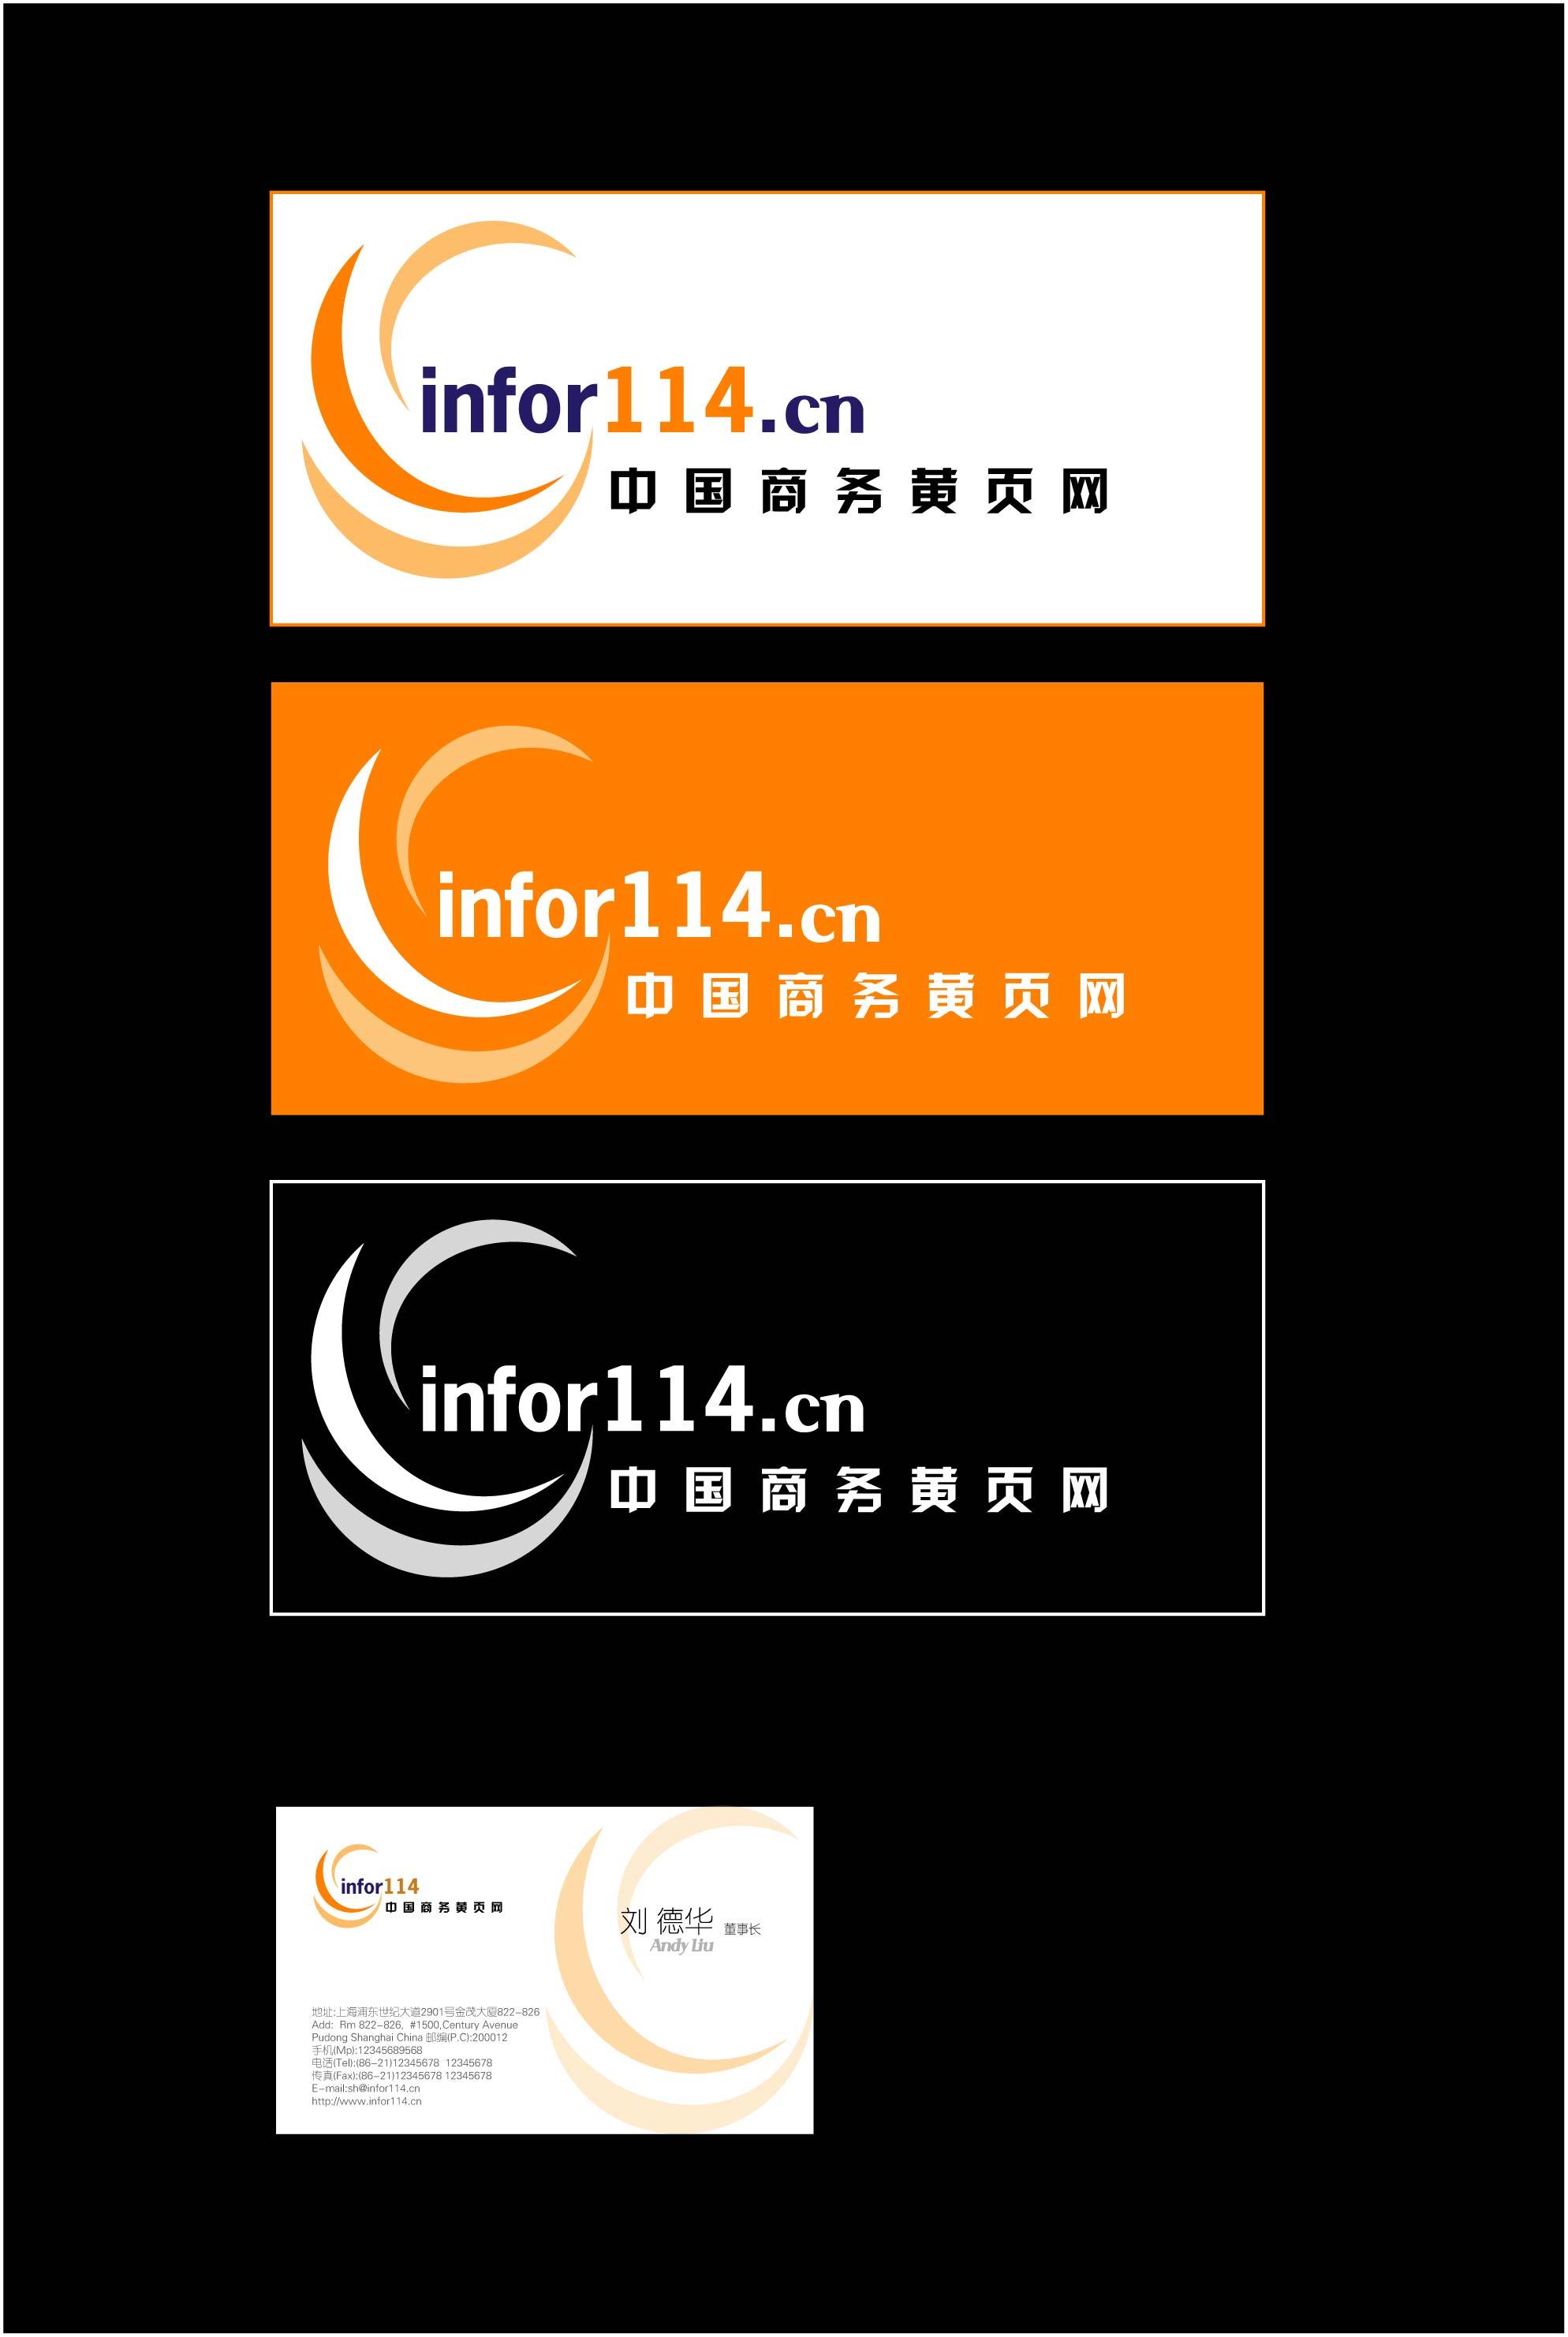 商务黄页网logo/名片设计-200元-360号任务-威客k68